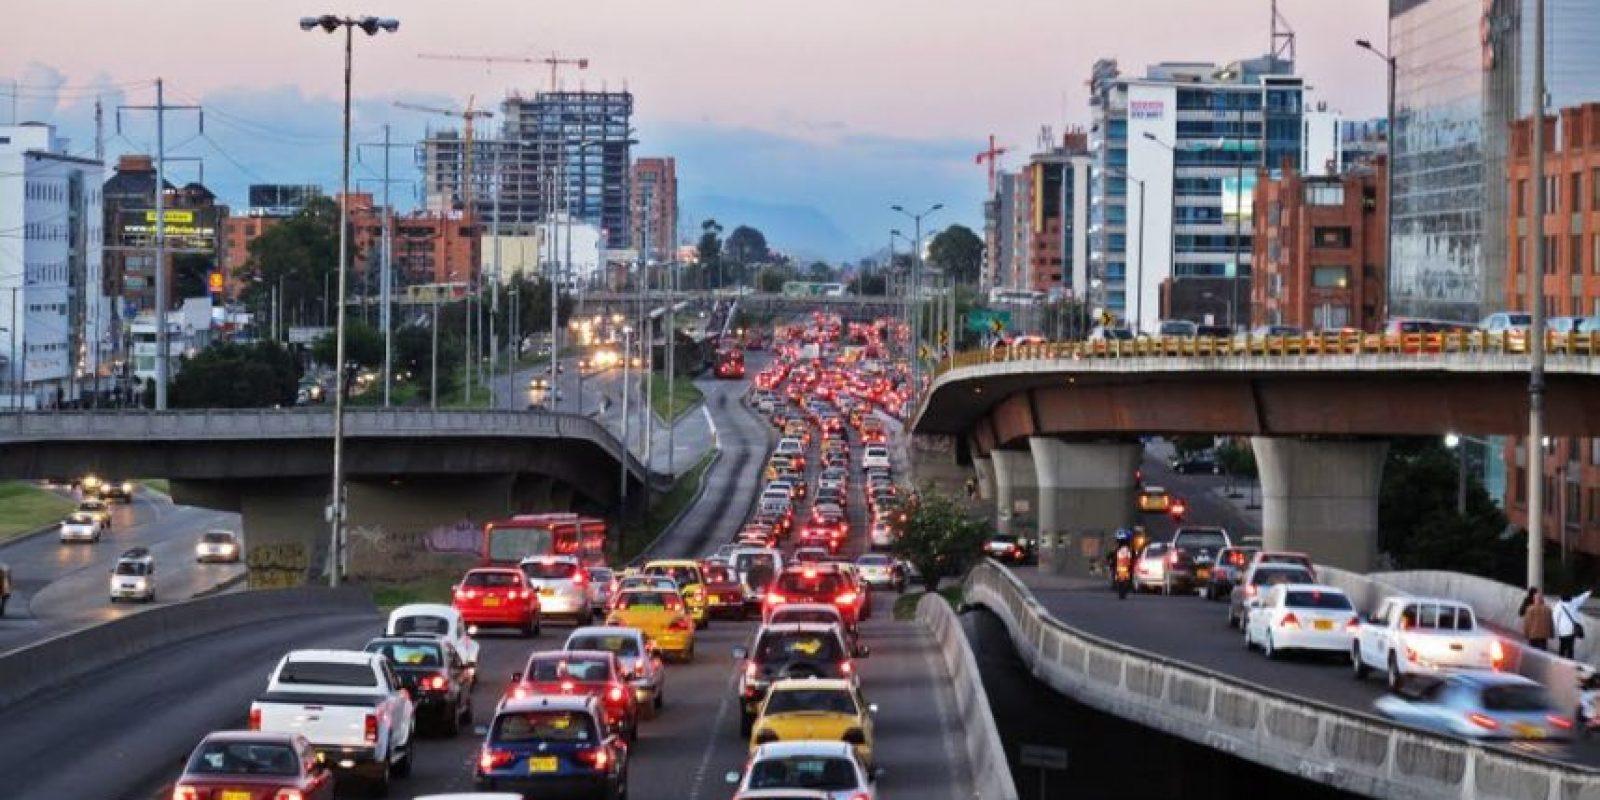 Puente de la 92 Foto:Panoramio.com